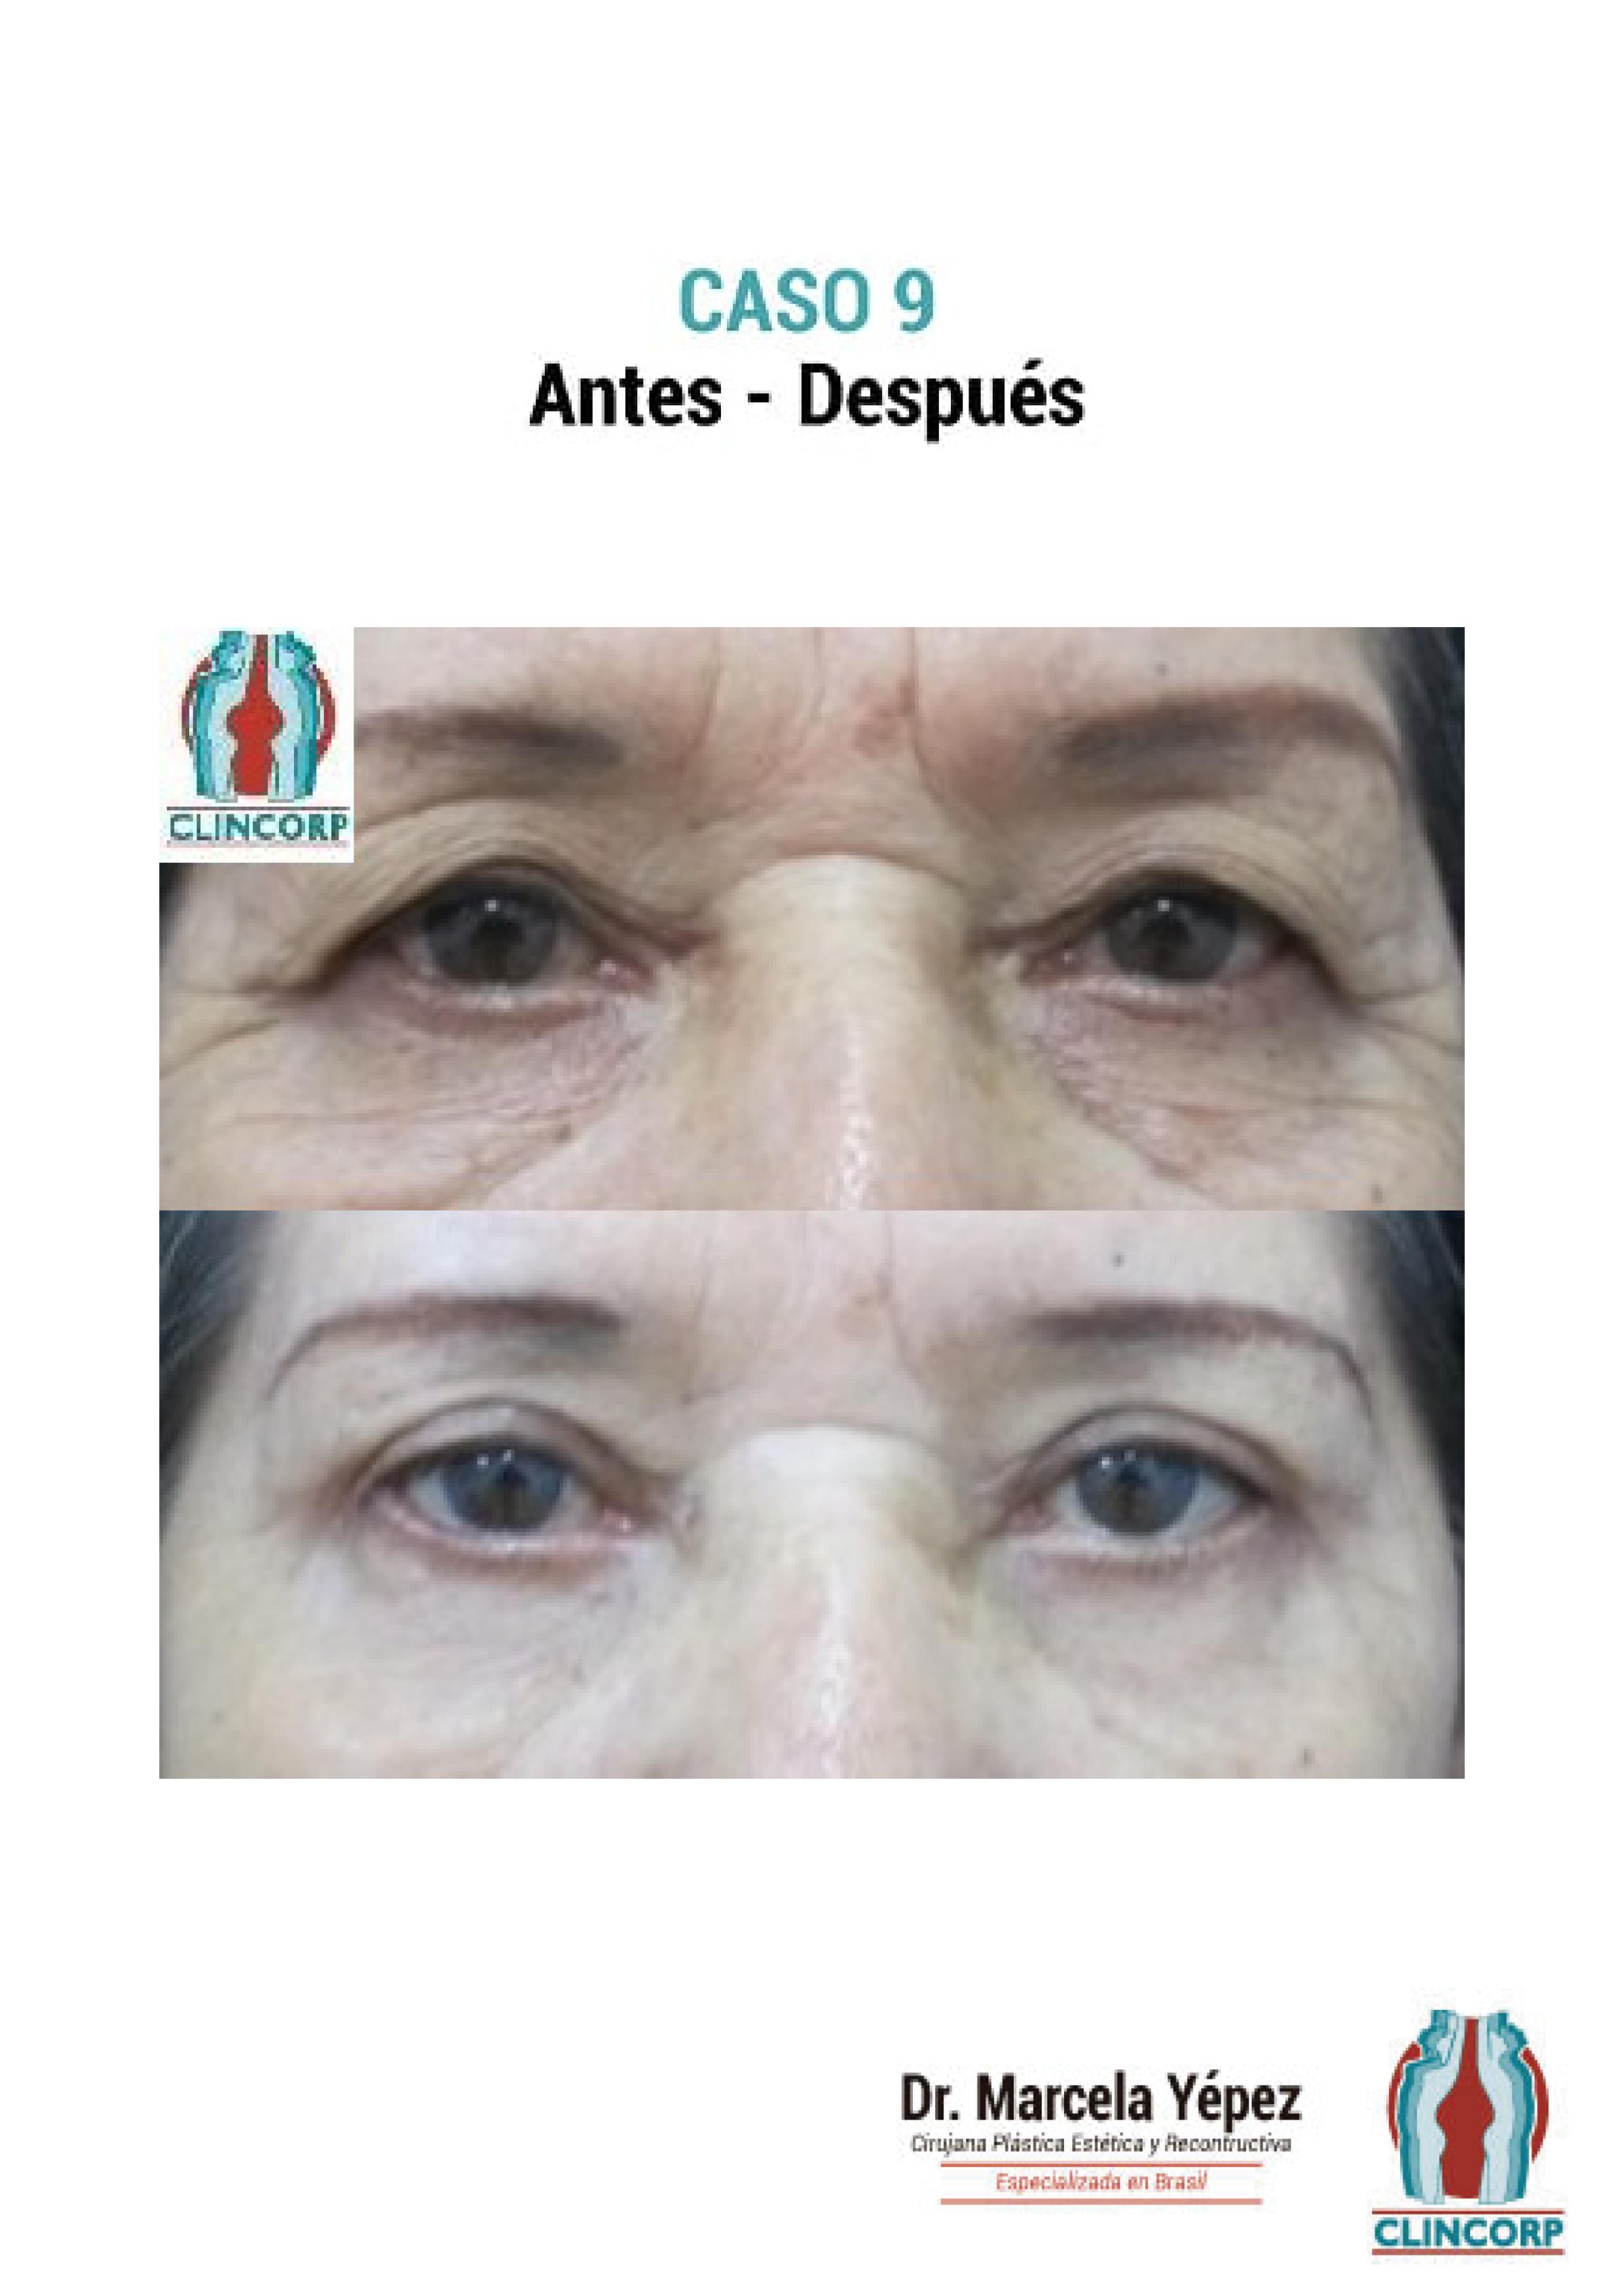 blefaroplastia-Caso9